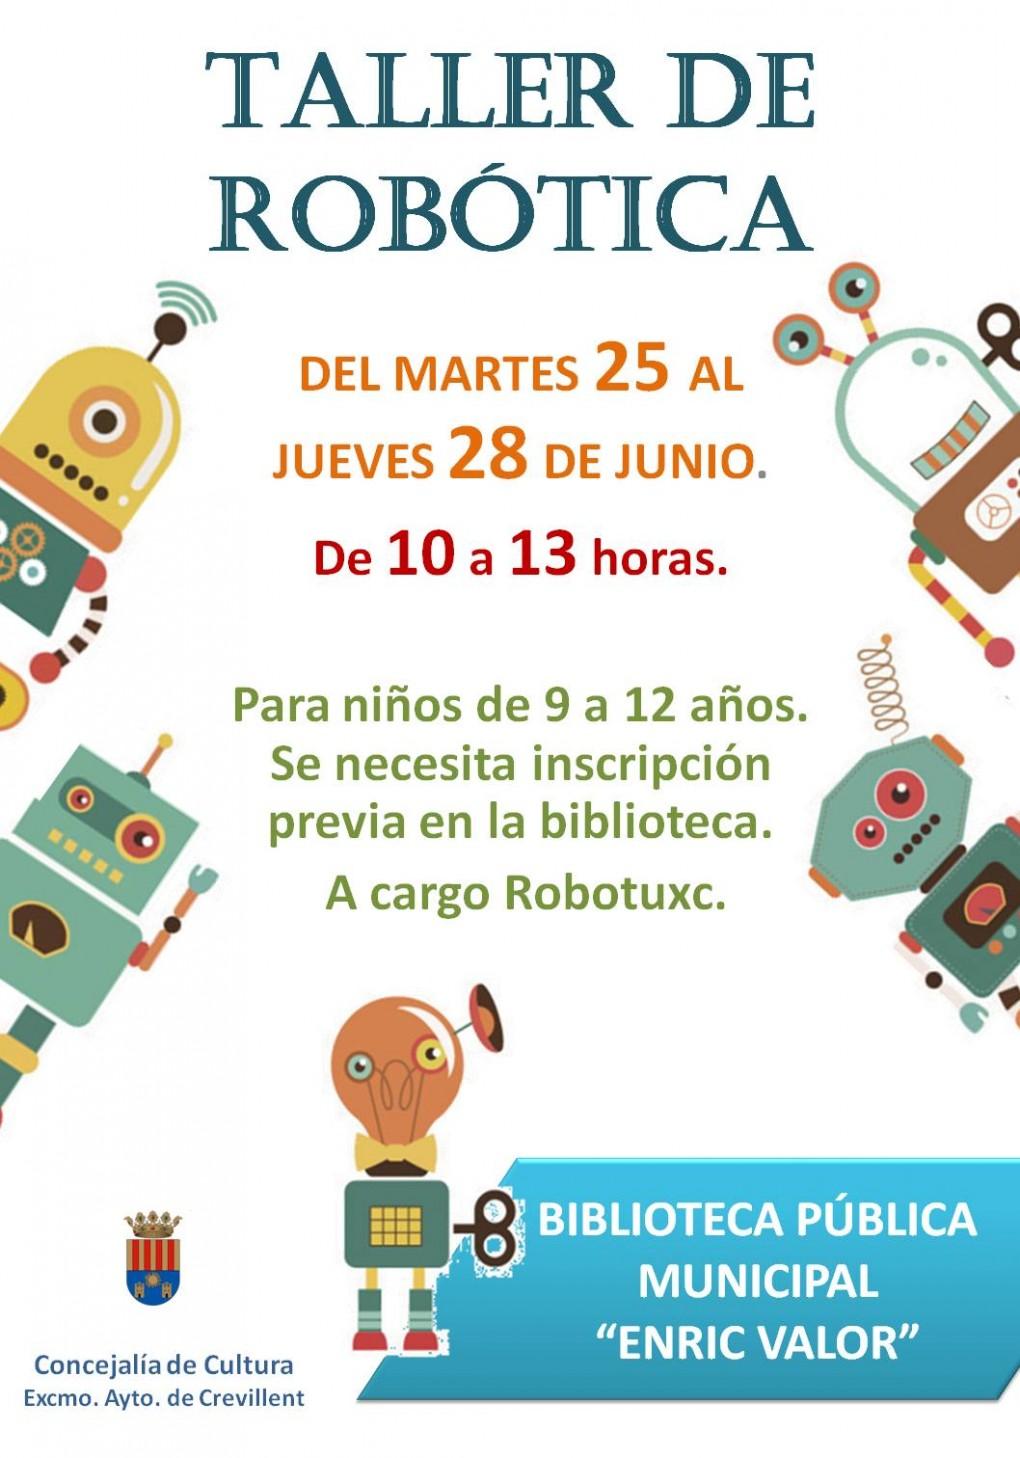 La Concejalía de Cultura organiza un taller de robótica para niños de entre 9 y 12 años